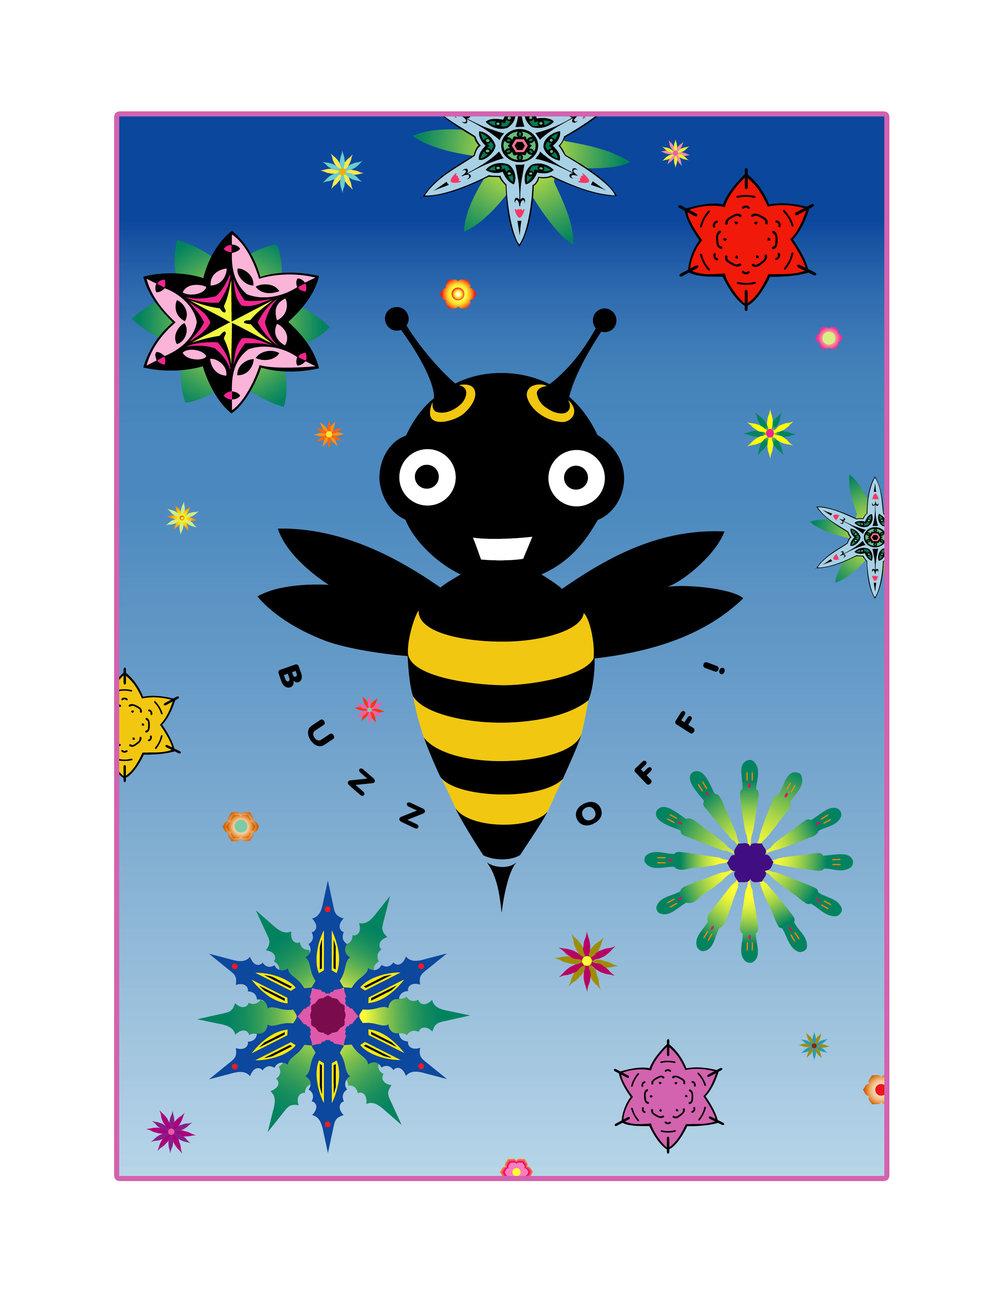 buzz-off-jpg.jpg